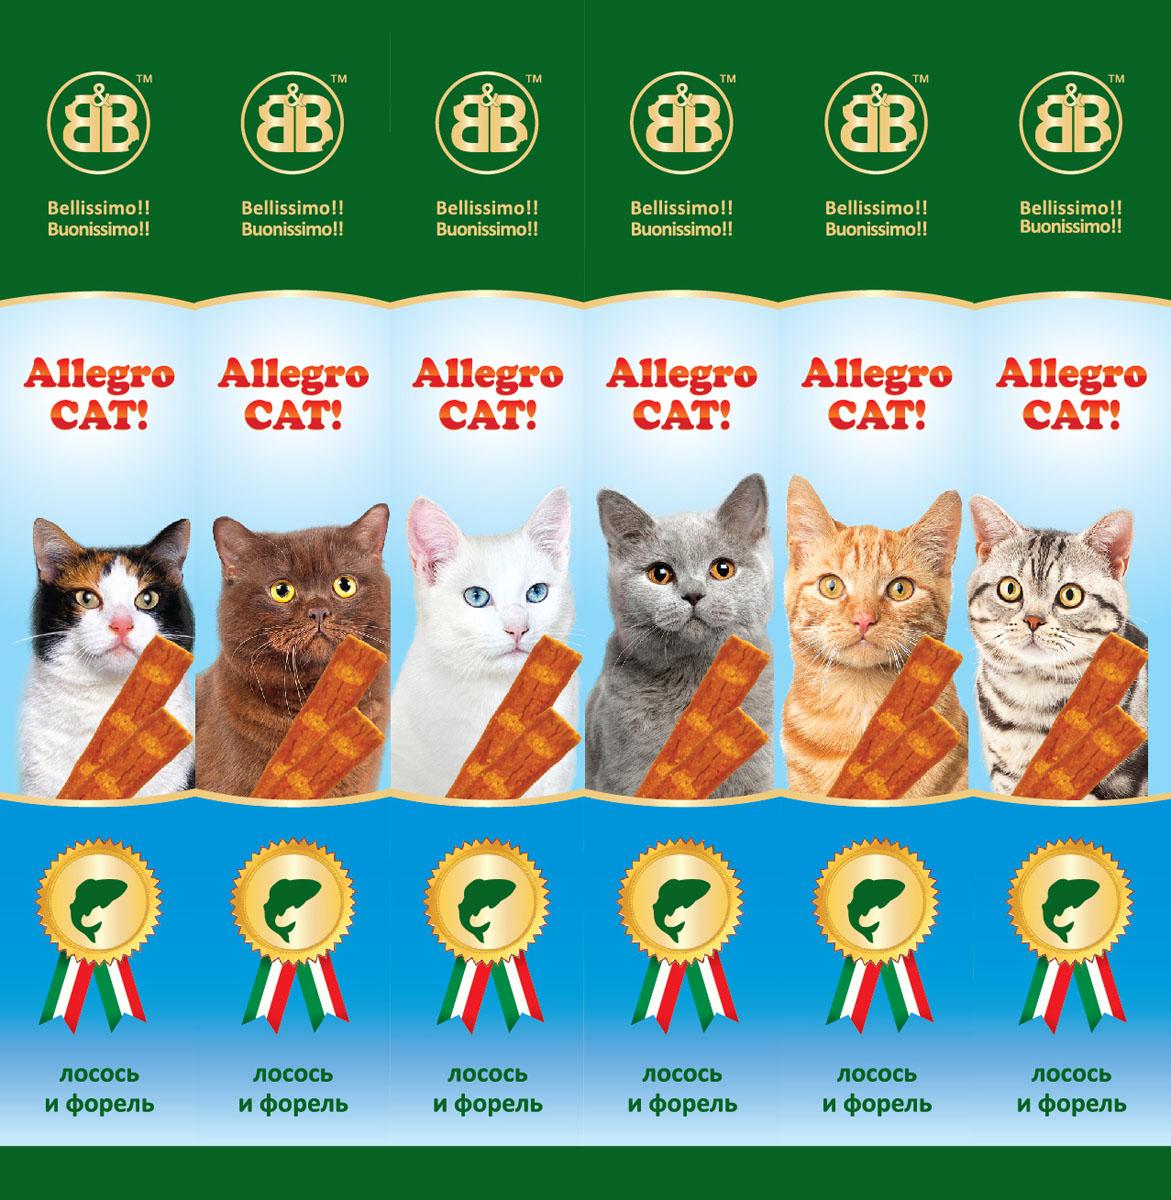 Лакомство для кошек B&B Allegro Cat, мясные колбаски из лосося и форели, 6х5 г0120710Колбаски мясные B&B Allegro Cat - это вкусное и здоровое угощение, которое придется по вкусу даже самому капризному любимцу. Специальная герметичная упаковка сохранит лакомство вкусным в течение долгого времени. Состав: мясо и продукты животного происхождения ( минимум 95%: из которых 5% форель, 5% лосось), минеральные соли. Пищевая ценность: протеин 33,5%, жиры 20%, зола 9%, клетчатка -2%, влажность -28%.Количество колбасок в упаковке: 6 шт. Вес одной колбаски: 5 г. Товар сертифицирован.